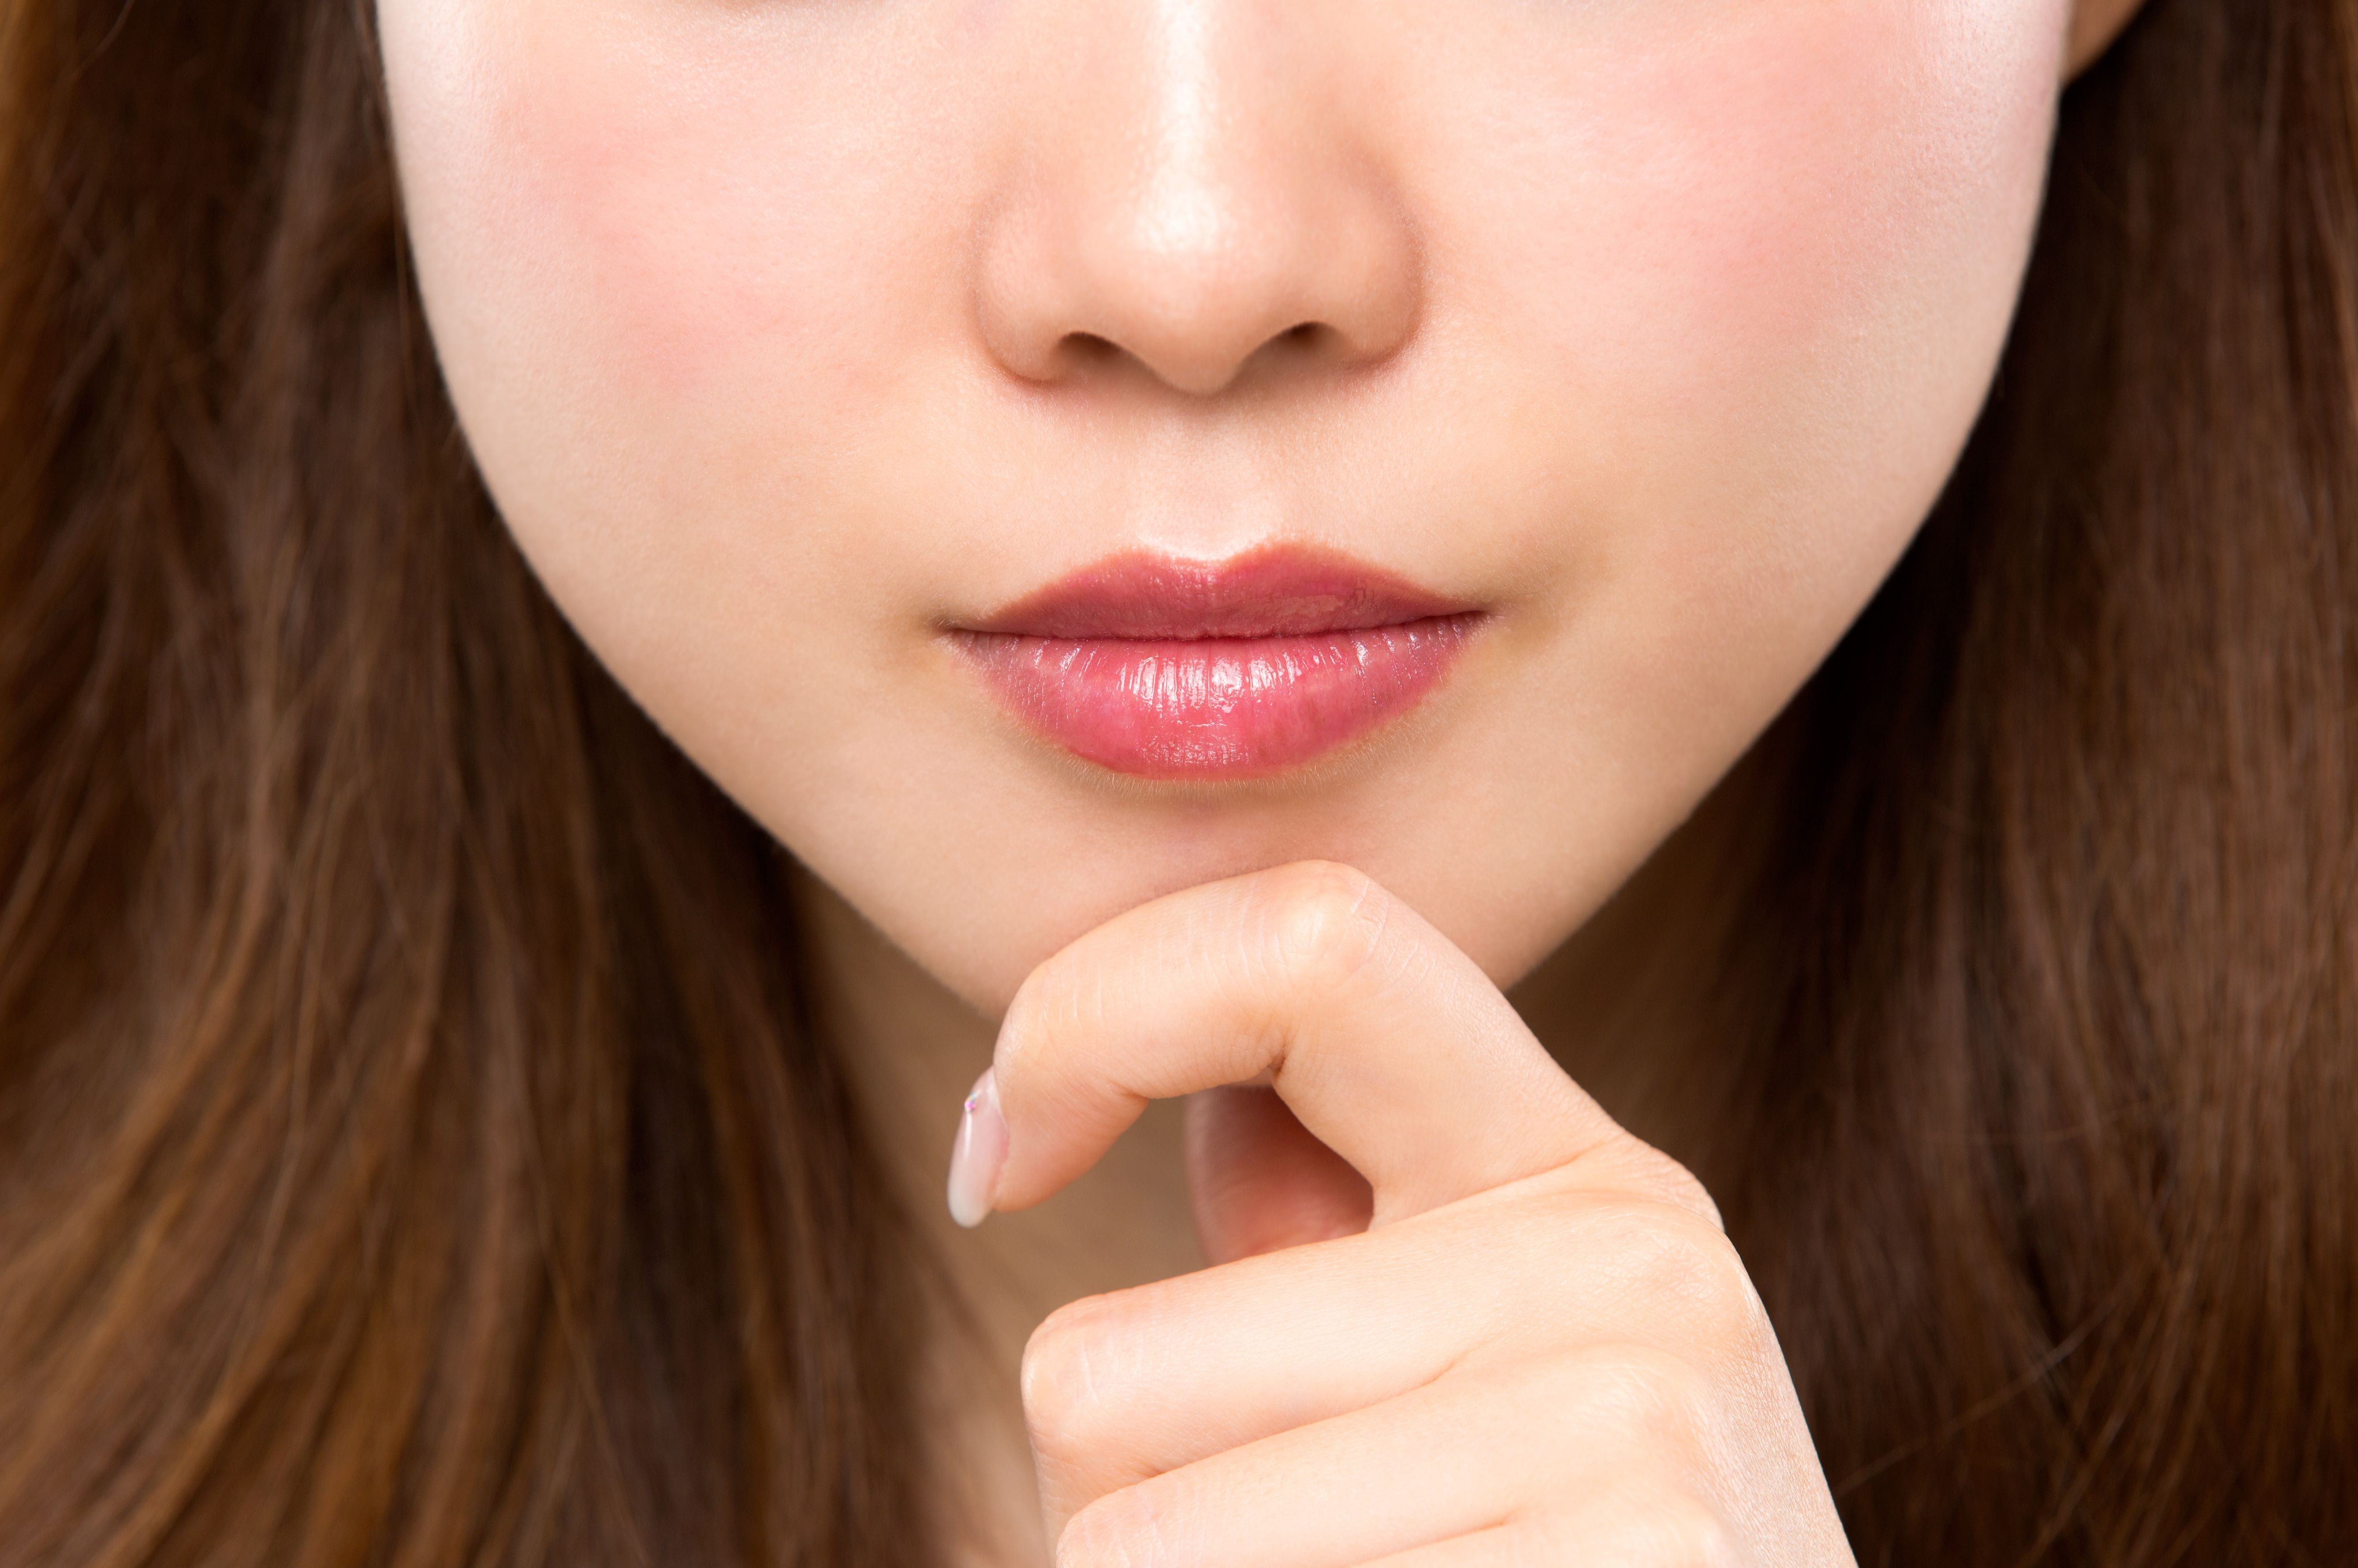 あなたの噛み合わせは右上り、左上がり?斜めになっている噛み合わせのずれを治す方法